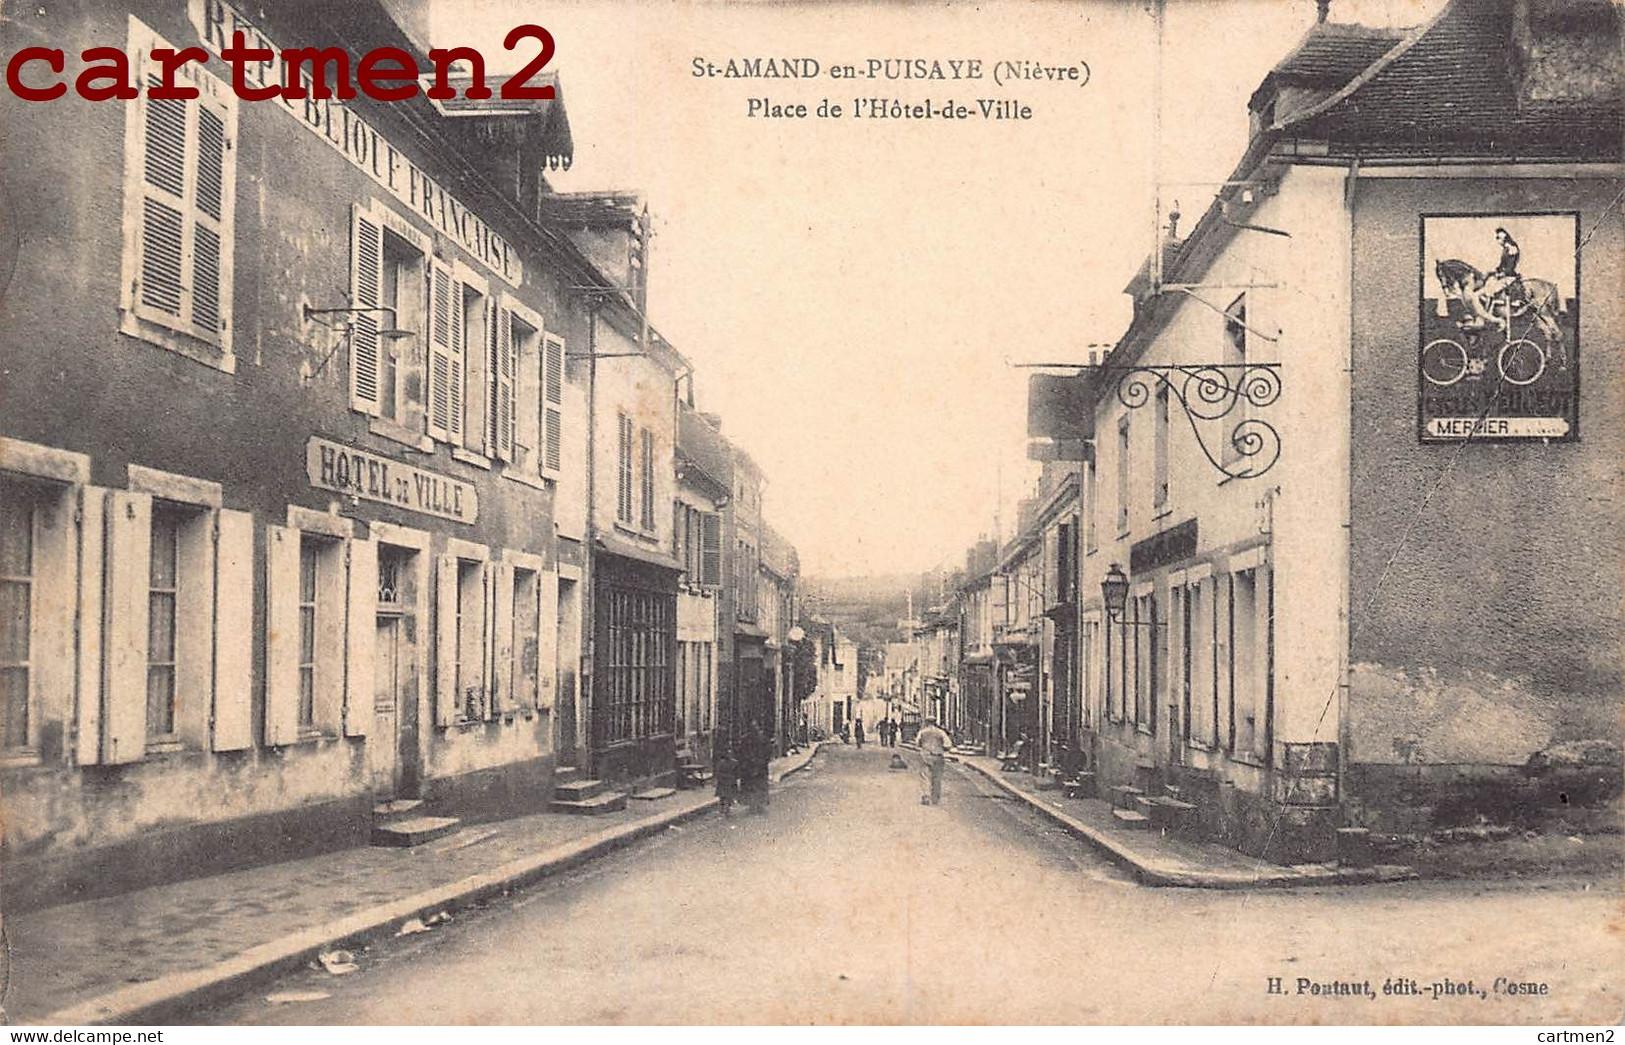 SAINT-AMAND-EN-PUISAYE PLACE DE L'HOTEL-DE-VILLE PUBLICITE AFFICHE MERCIER 58 NIEVRE - Saint-Amand-en-Puisaye